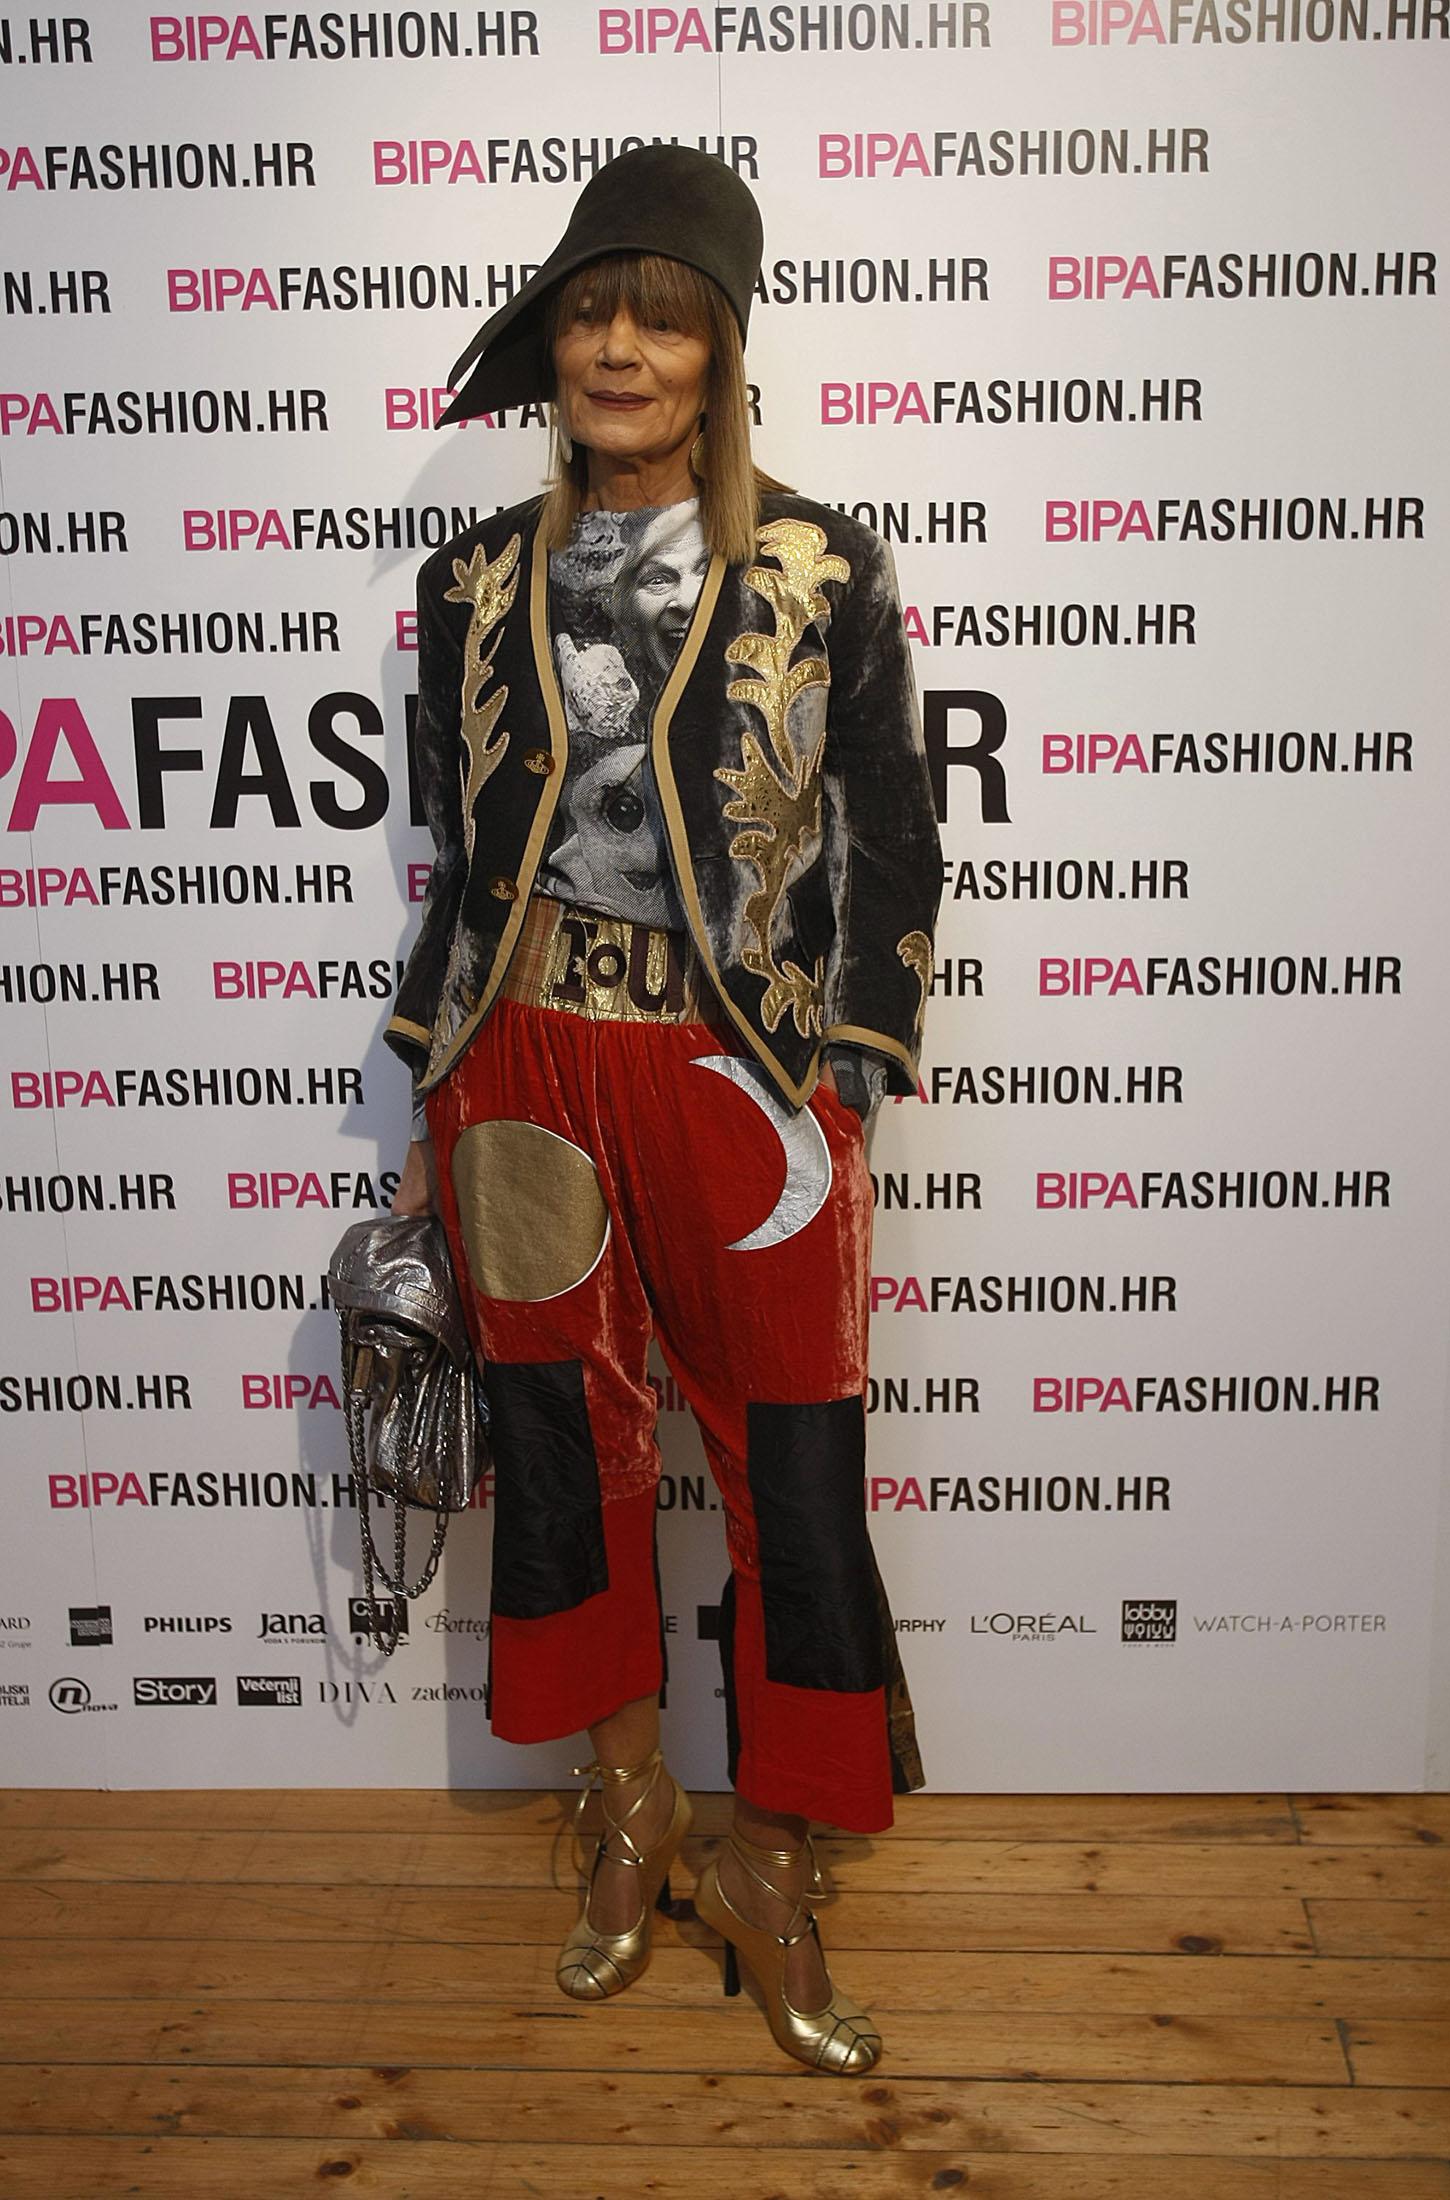 Đurđa Tedeschi na Bipa Fashion.hr-u 2018. godine